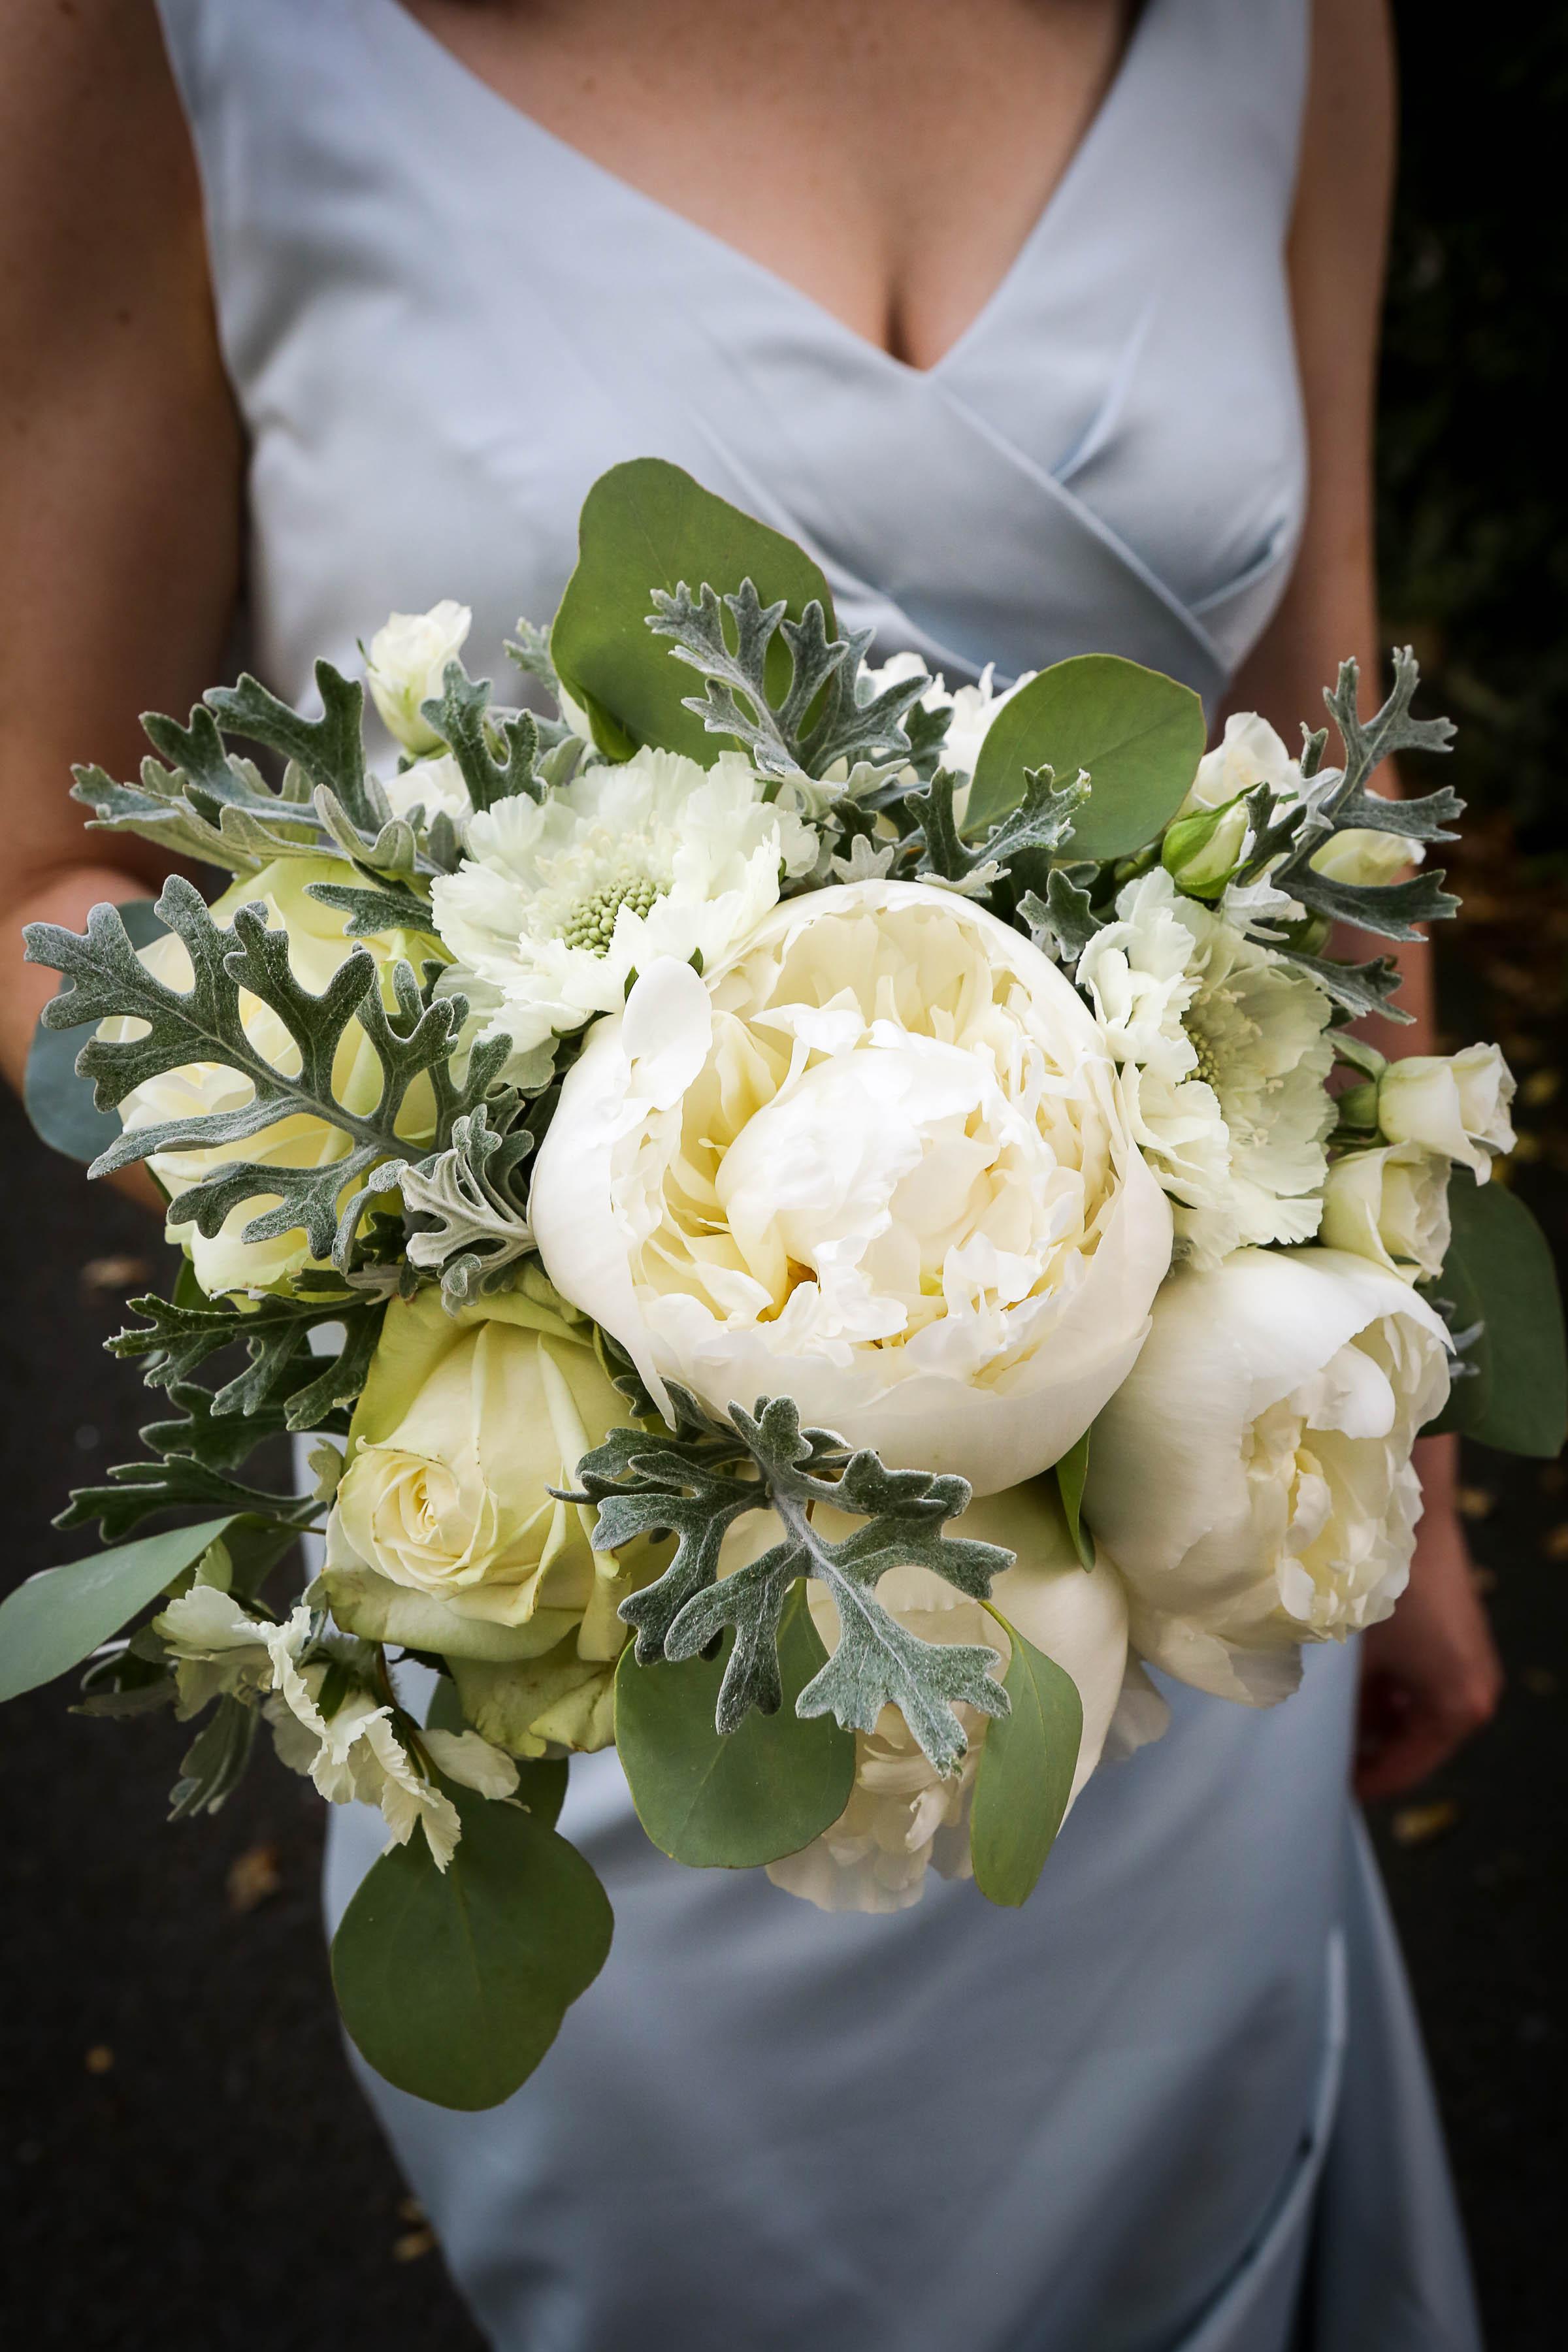 Wedding flowers bouquets south london florist bouquets and wedding flowers blackheath default 1 izmirmasajfo